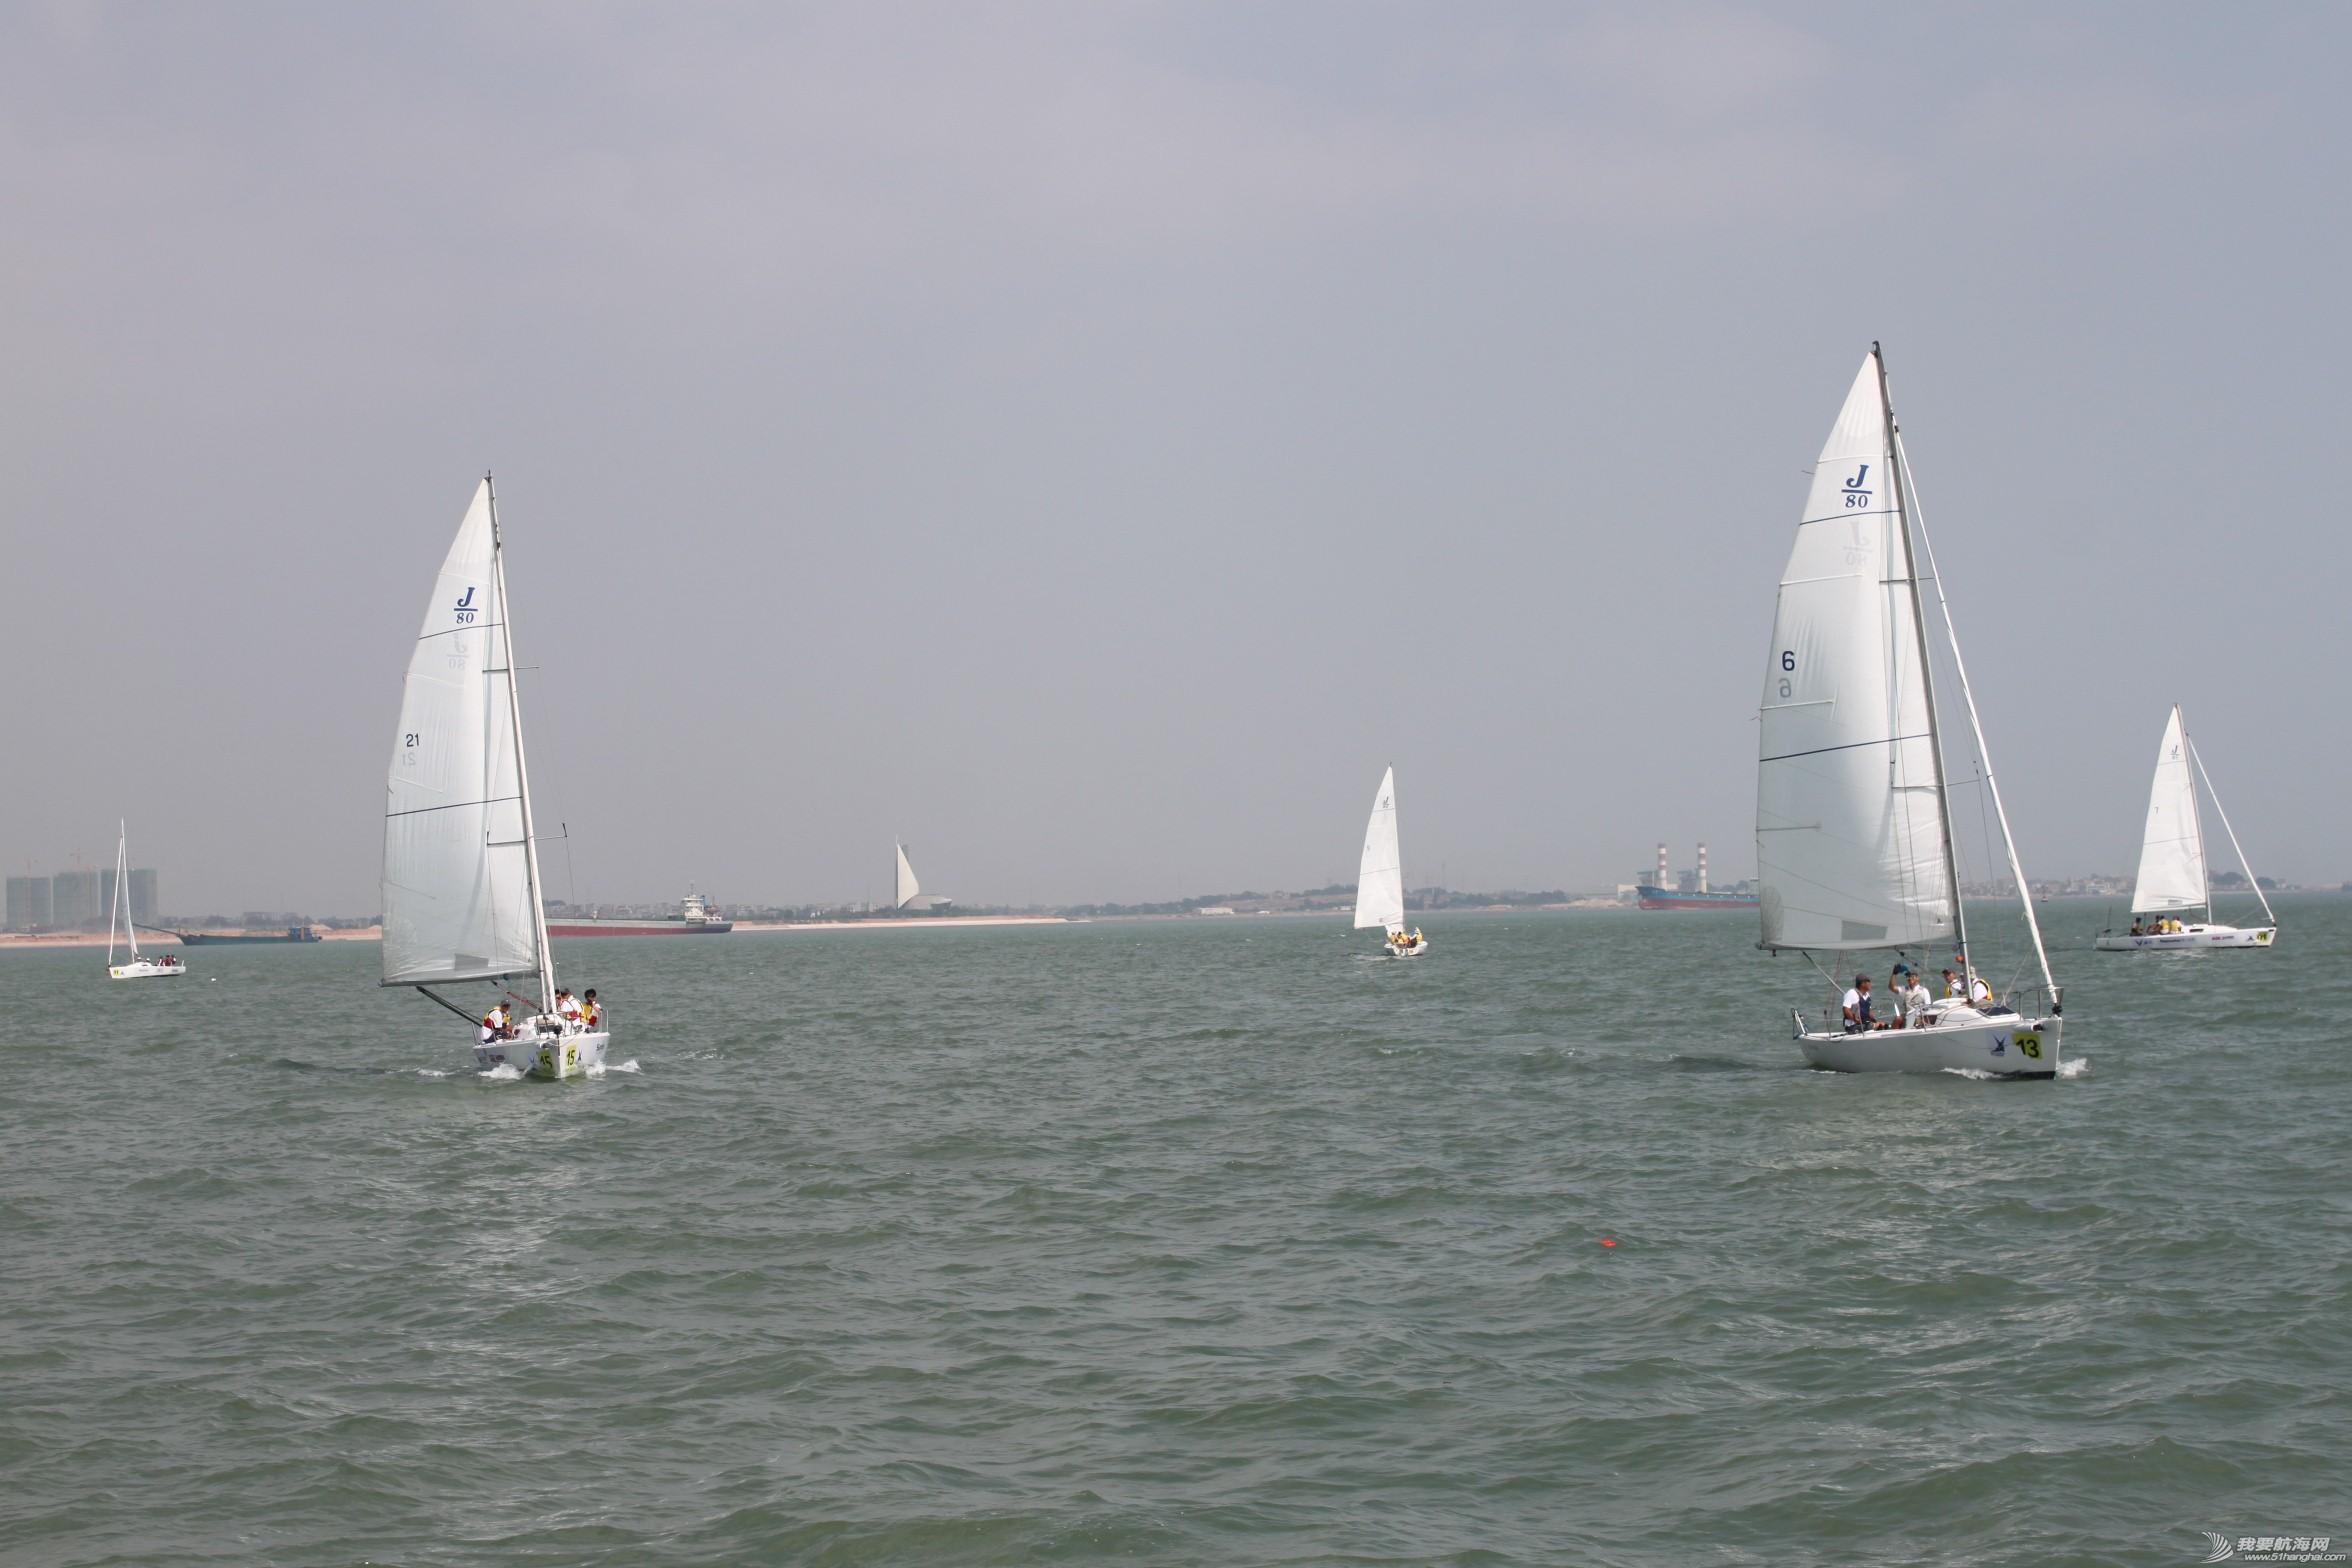 继续等待比赛开始,这两条船驶过来摆Pose的,前帆收起只放主帆。